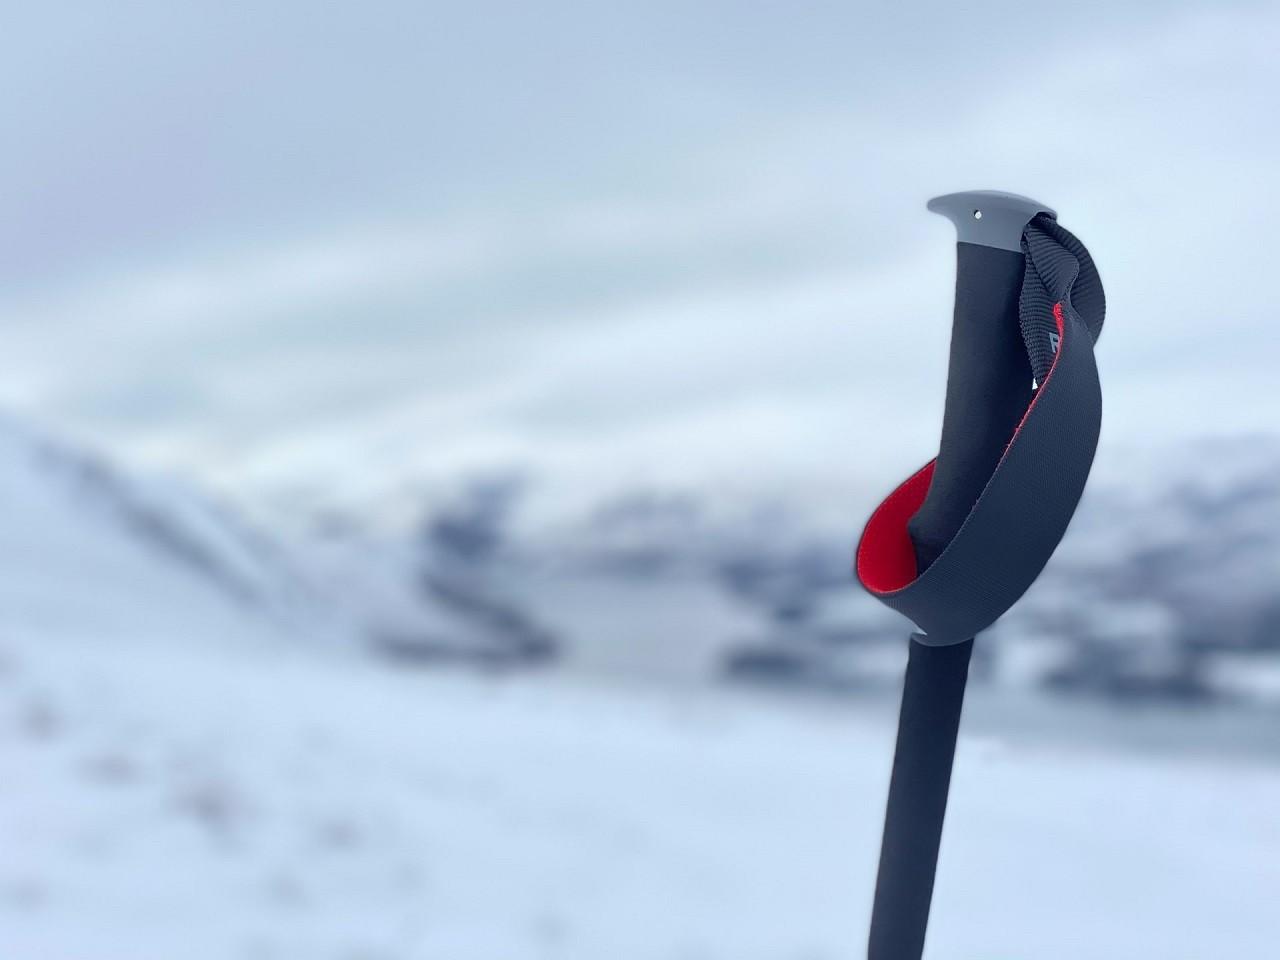 Griffe der Trekkingstöcke verfügen meist über eine ergonomische Form und liegen deshalb gut in der Hand.